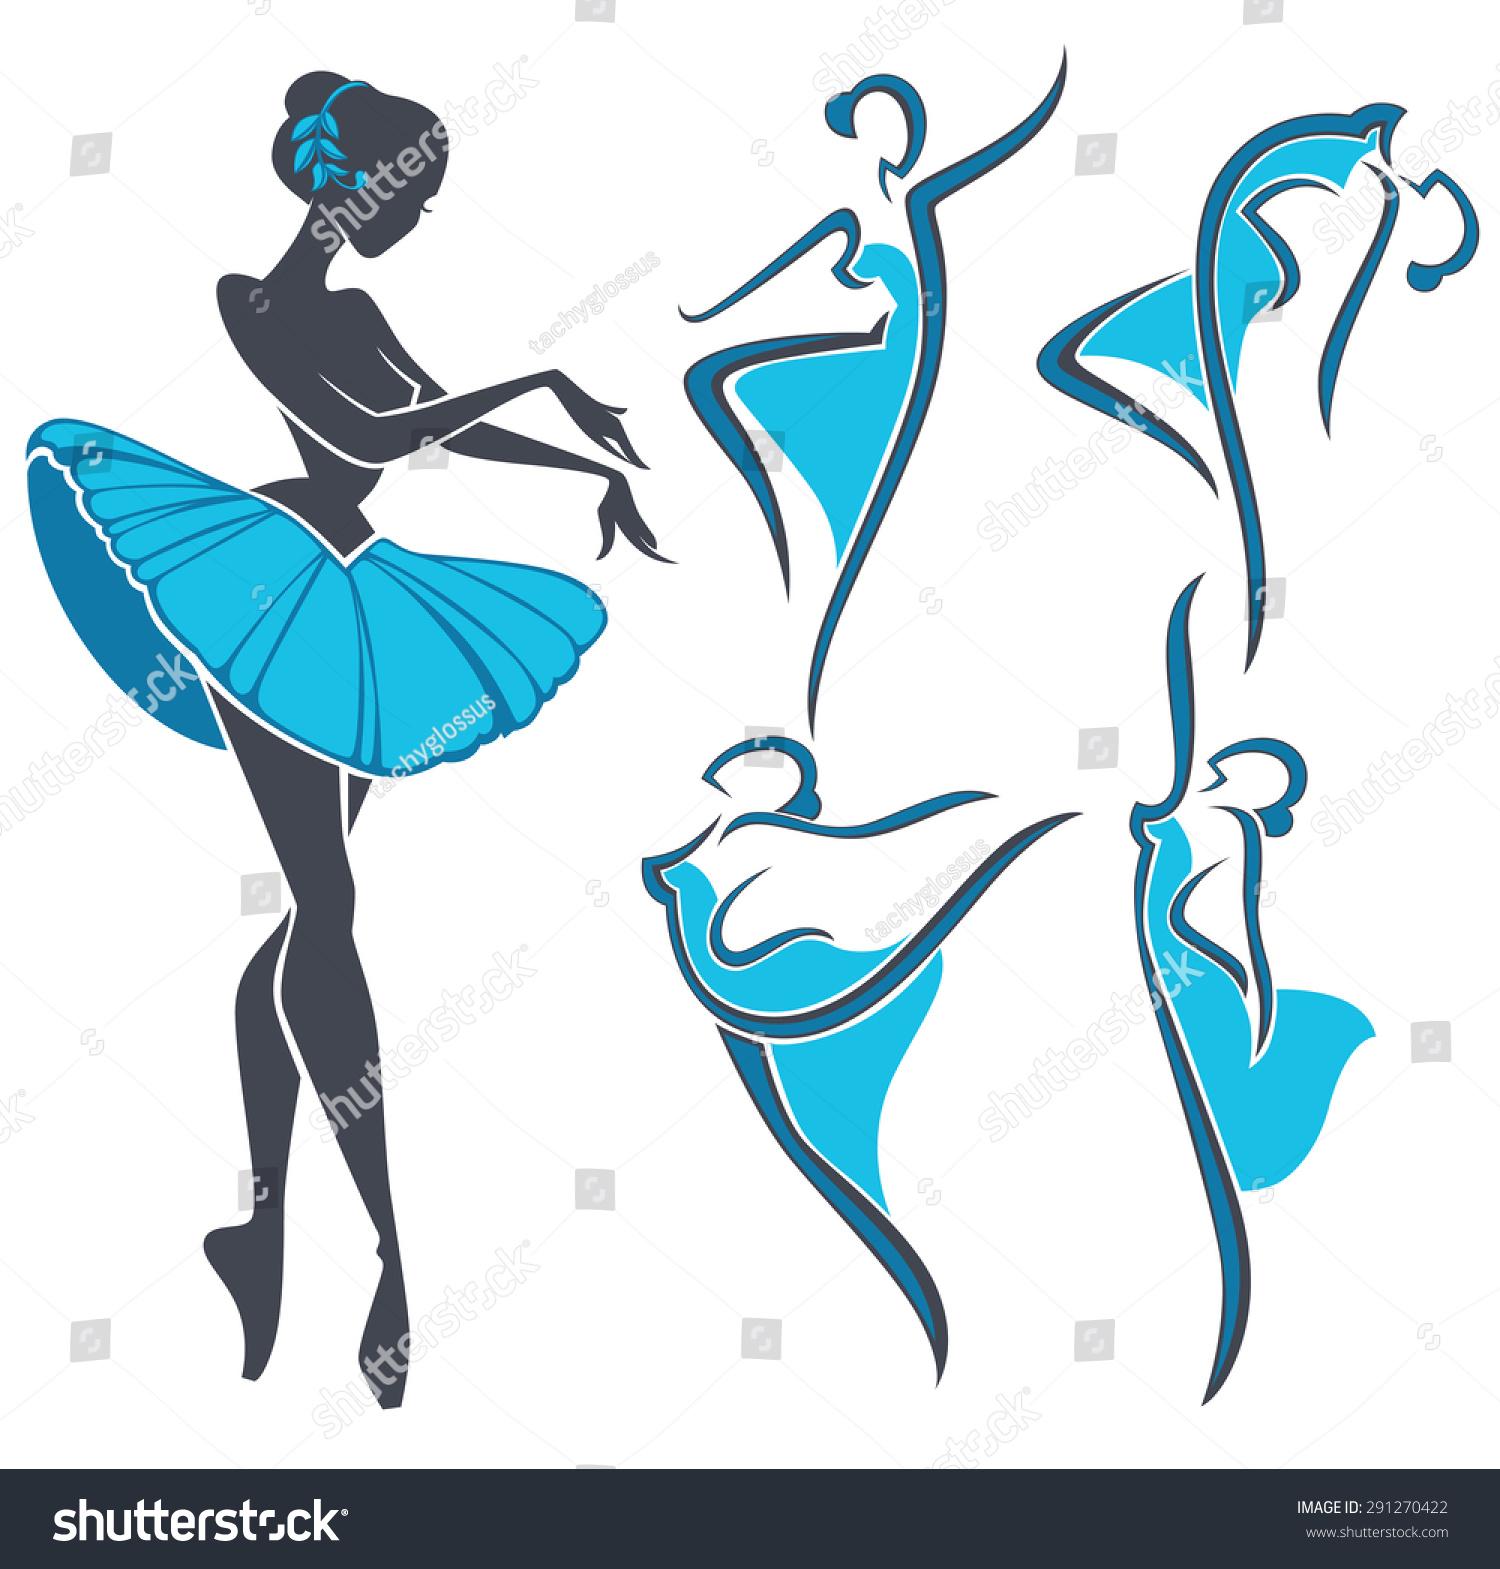 美女芭蕾舞者的剪影,矢量集-艺术,美容/时装服饰-海洛